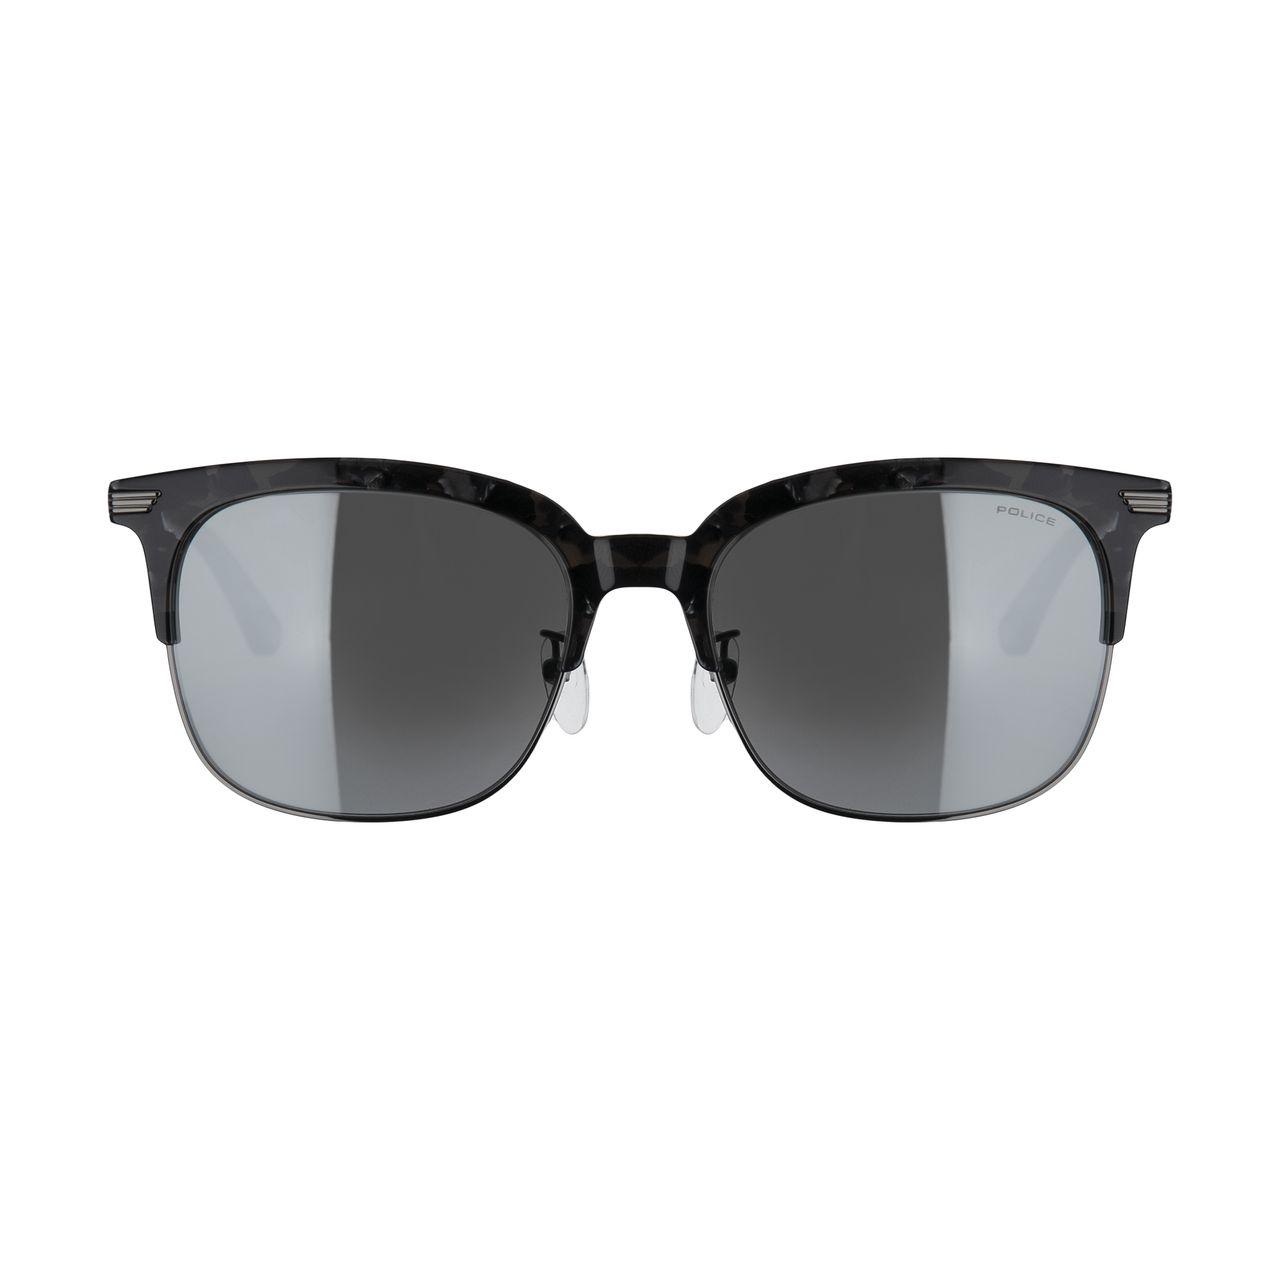 عینک آفتابی پلیس مدل SPL464G 793X